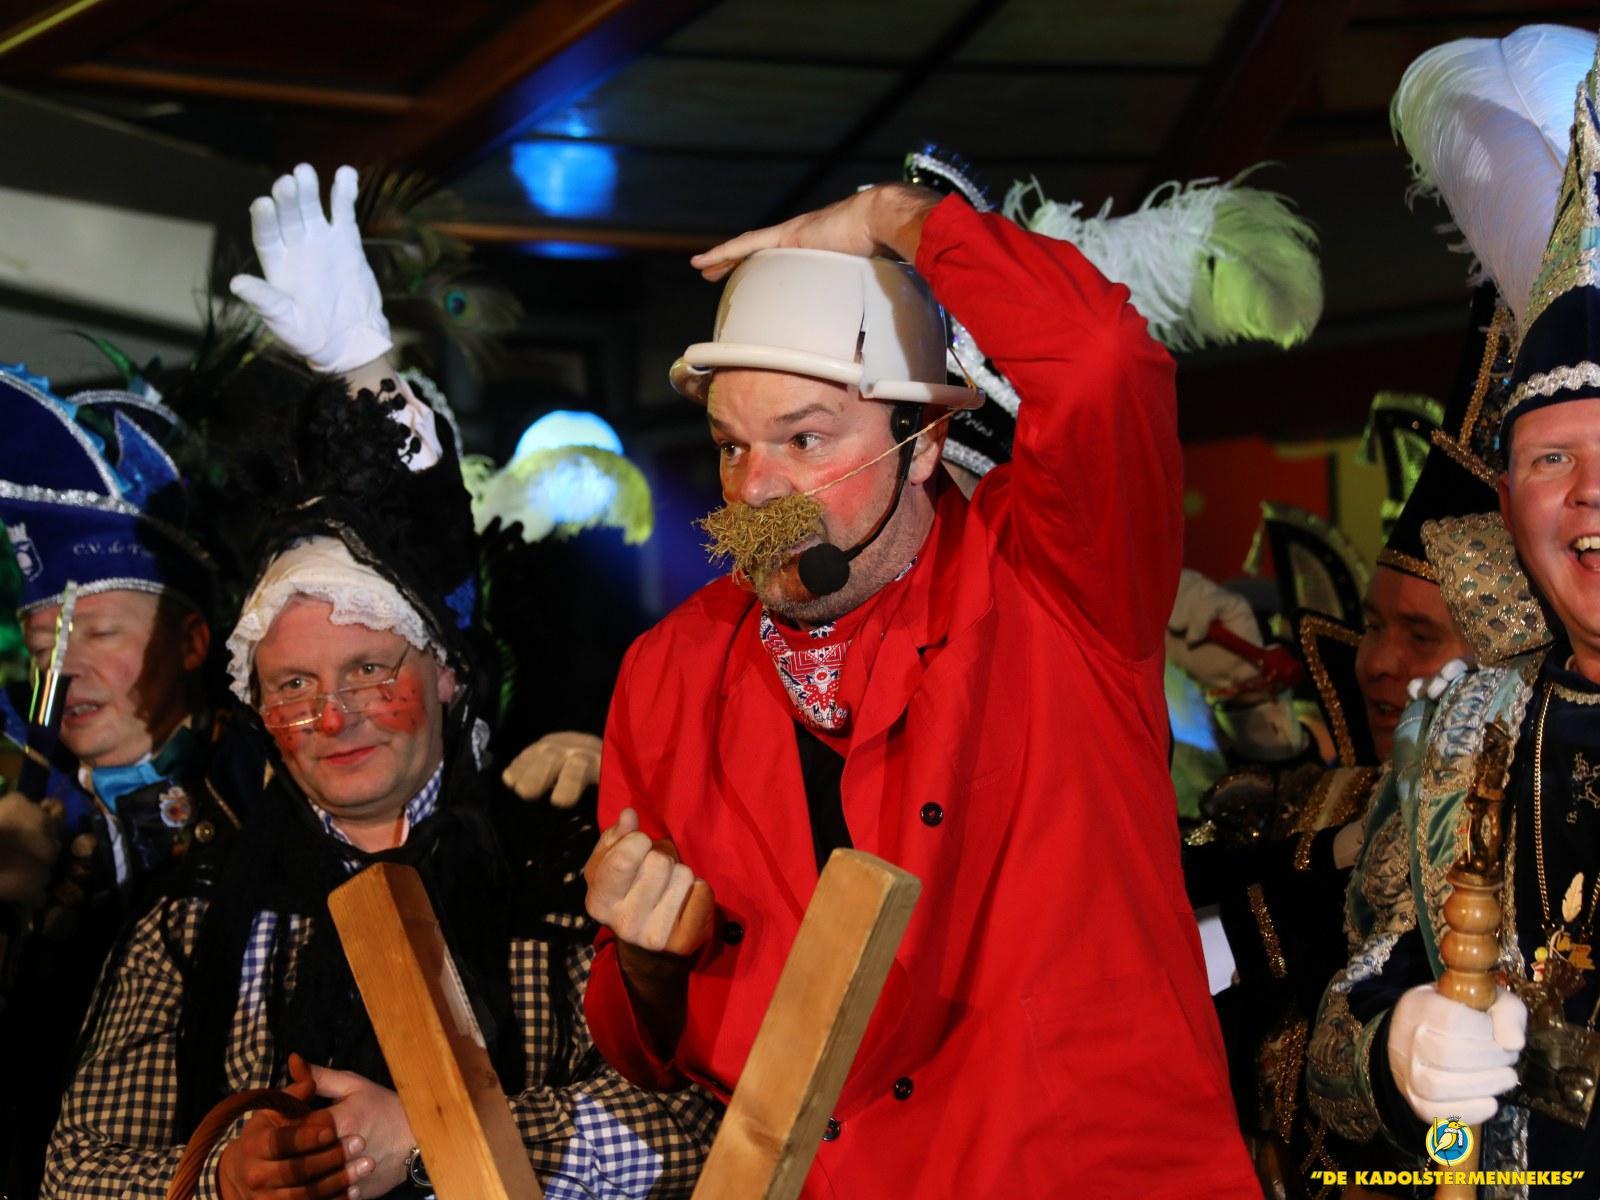 bokkenzitting, feest voor Carnavalisten in en rond de Boeskoolstad Oldenzaal met gratis entree